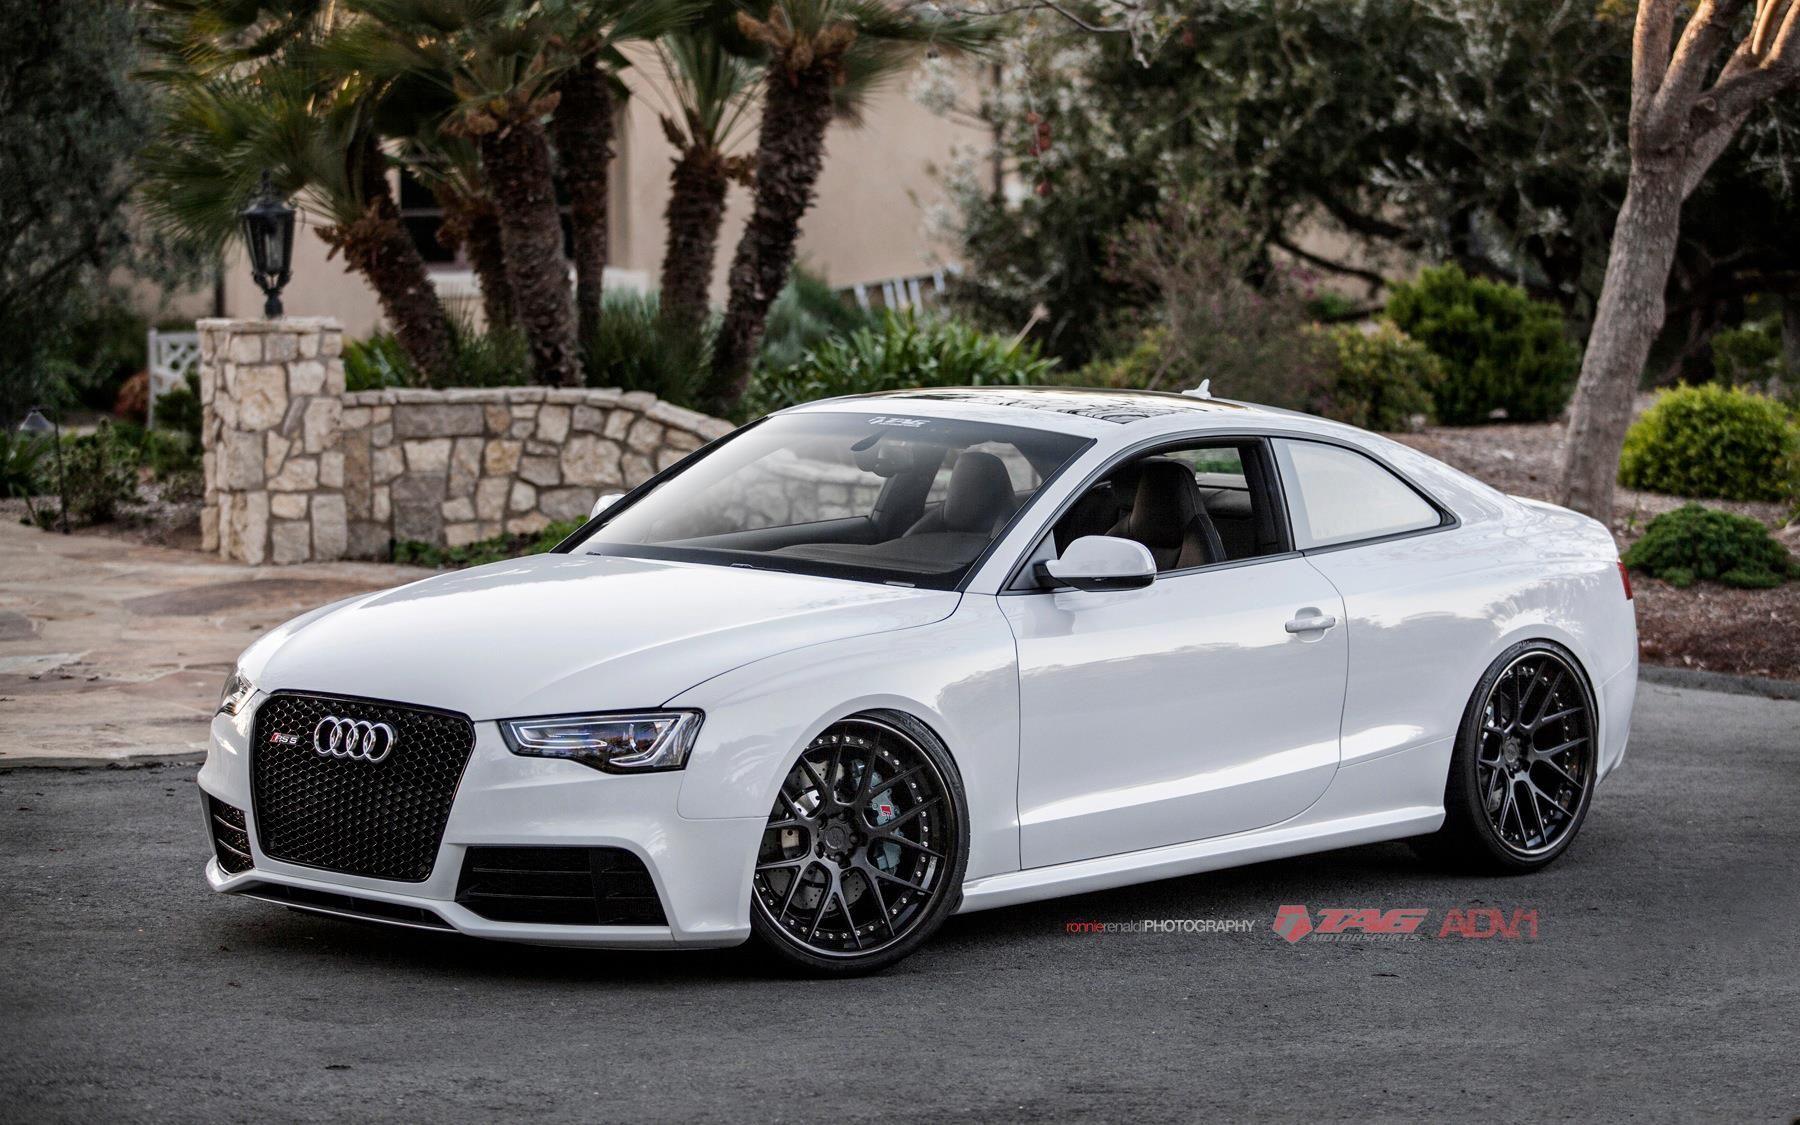 Kelebihan Kekurangan Audi Rs5 2013 Top Model Tahun Ini